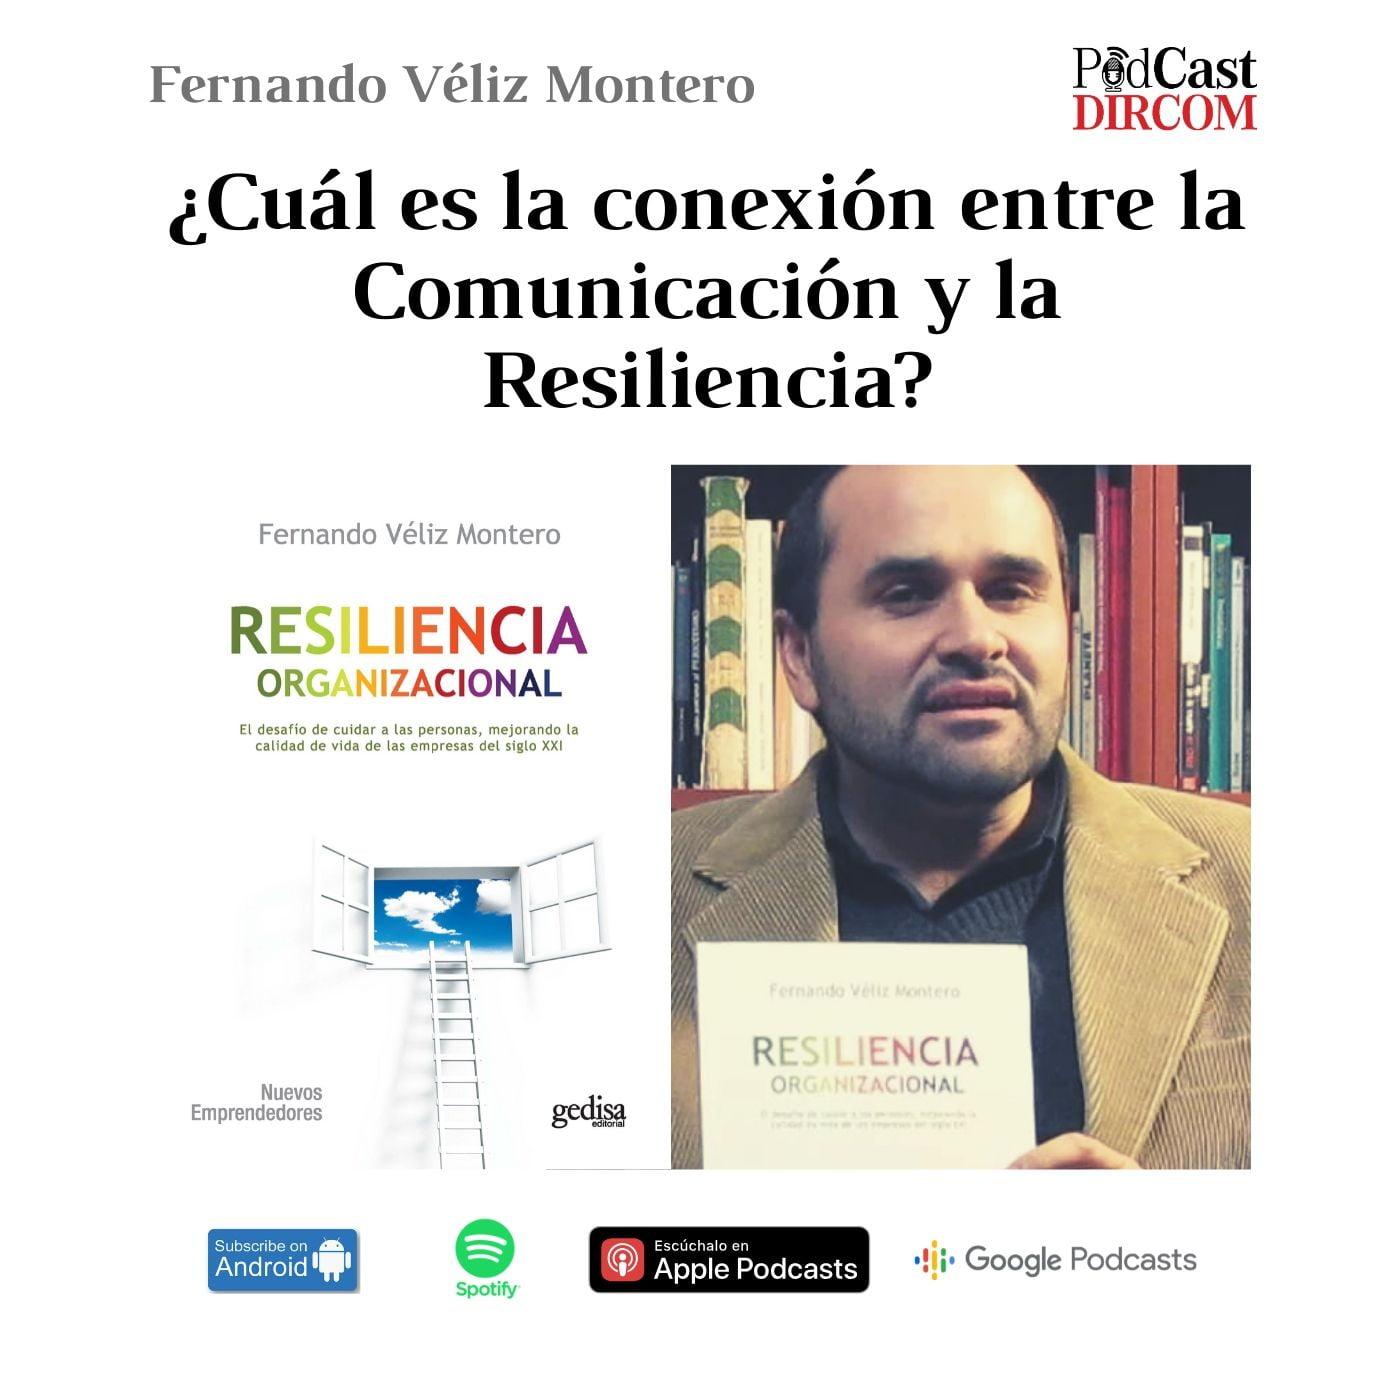 ¿Qué es la Resiliencia Organizacional?